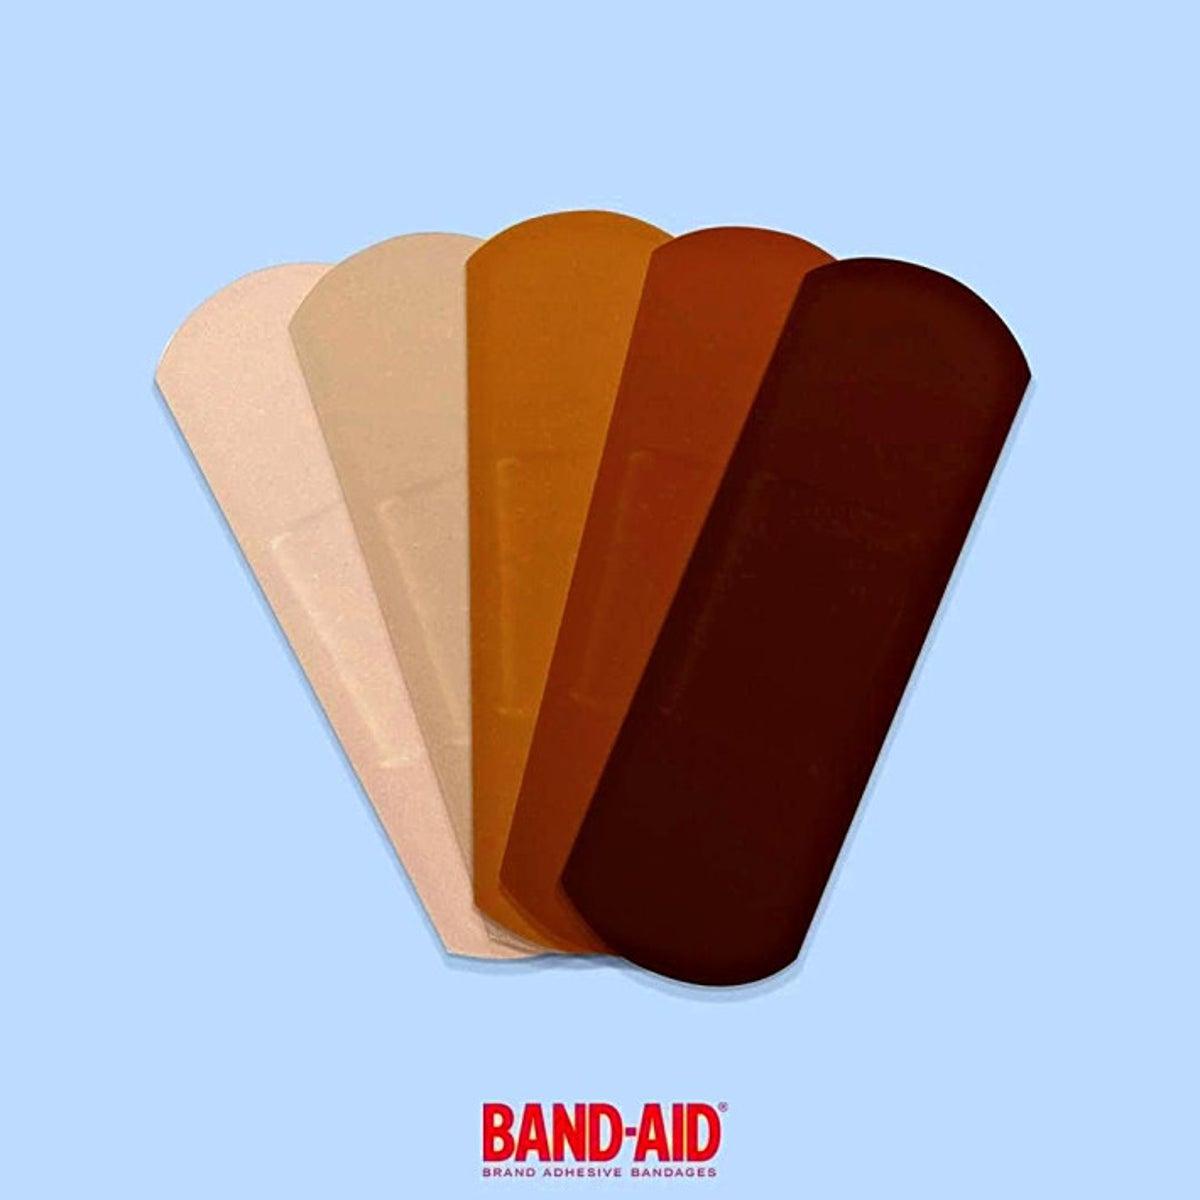 差別と戦う黒人と連帯」肌の色に合うバンドエイド…対応遅いと非難も : 国際 : ニュース : 読売新聞オンライン